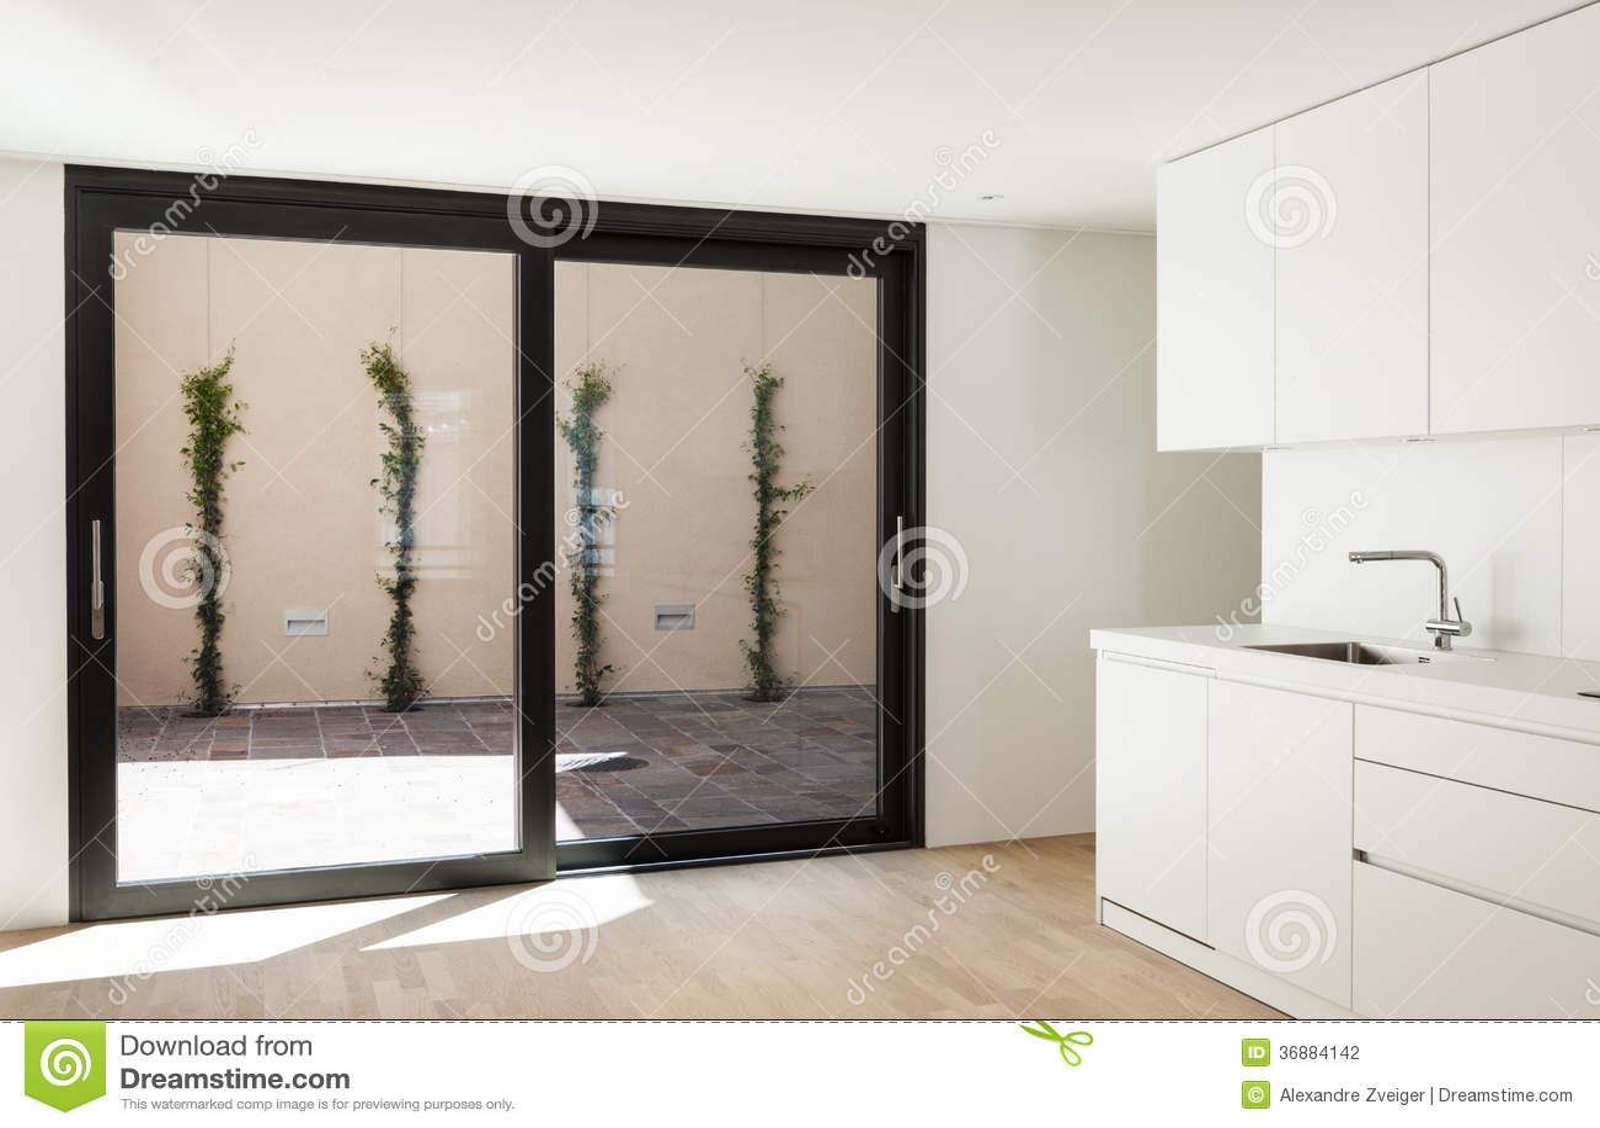 Download Nuova casa interna, cucina fotografia stock. Immagine di architettura - 36884142